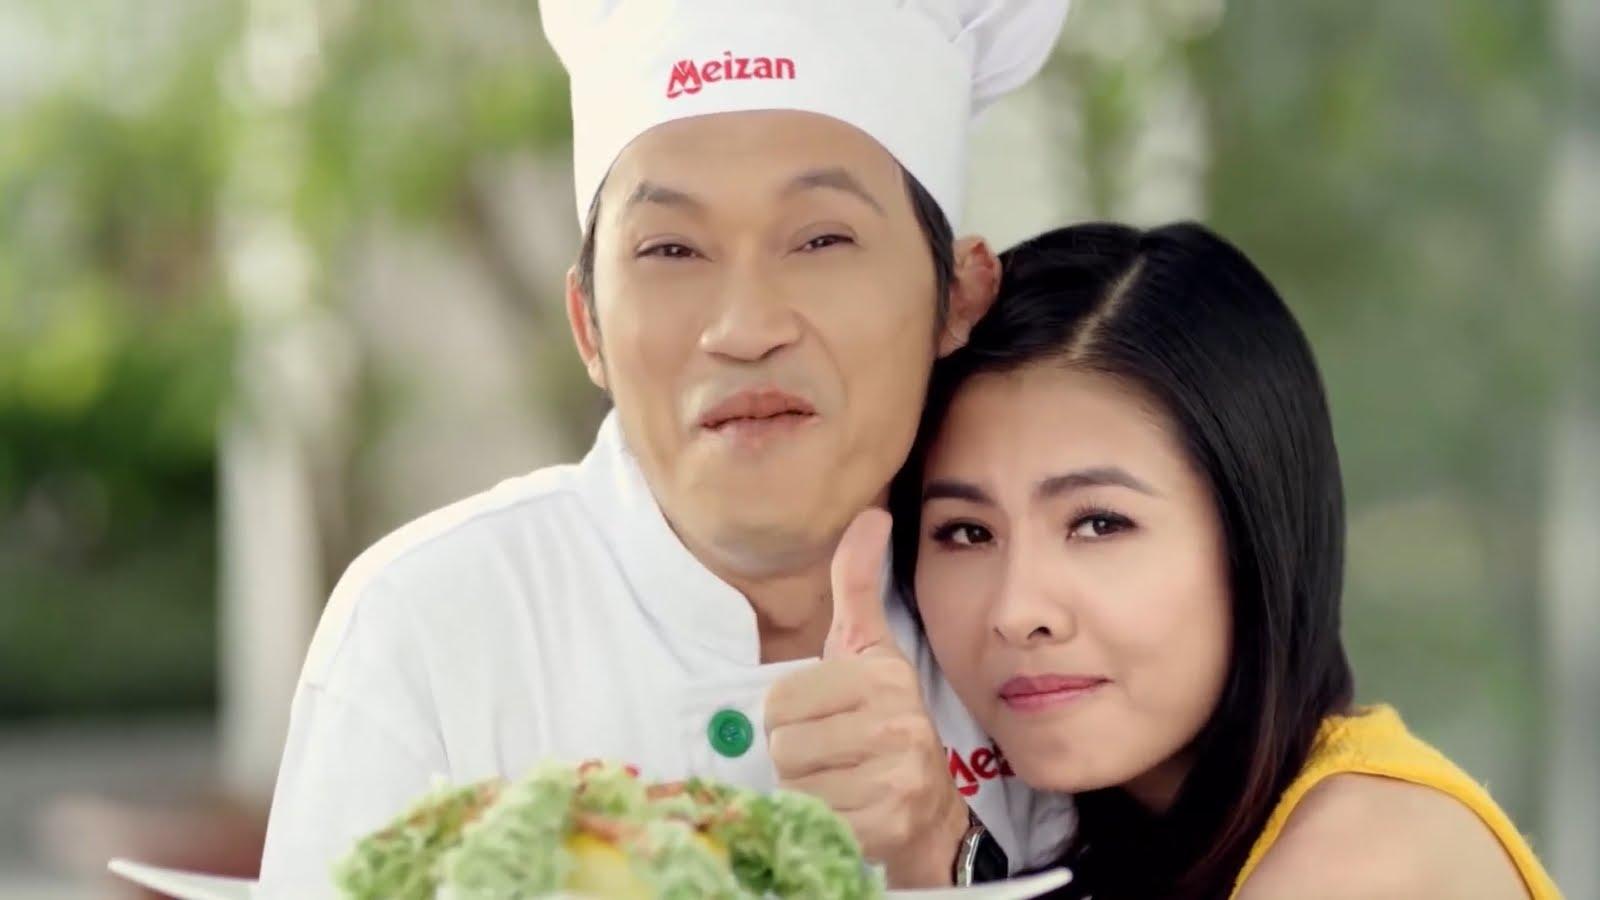 Quảng cáo truyền hình giúp Mezan thành công rực rỡ trong chiến dịch marketing của mình